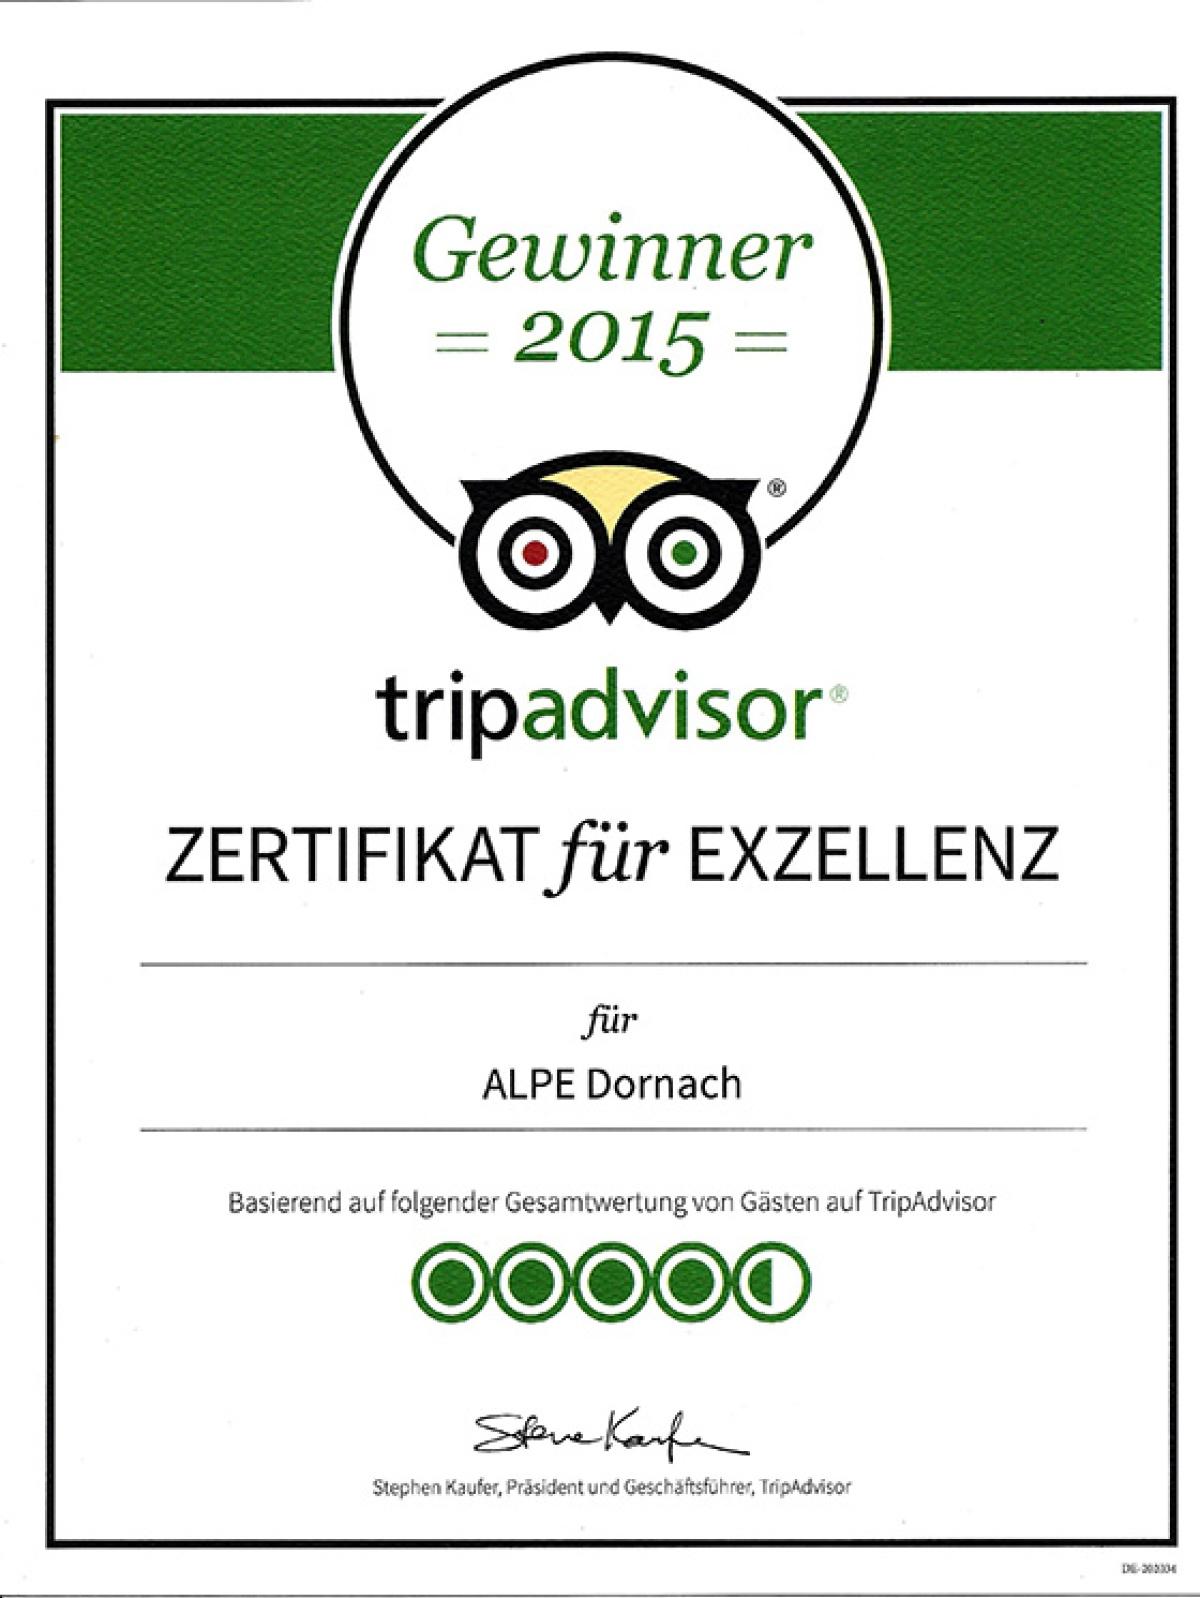 Fantastisch Gewinner Zertifikat Vorlage Galerie - Entry Level Resume ...